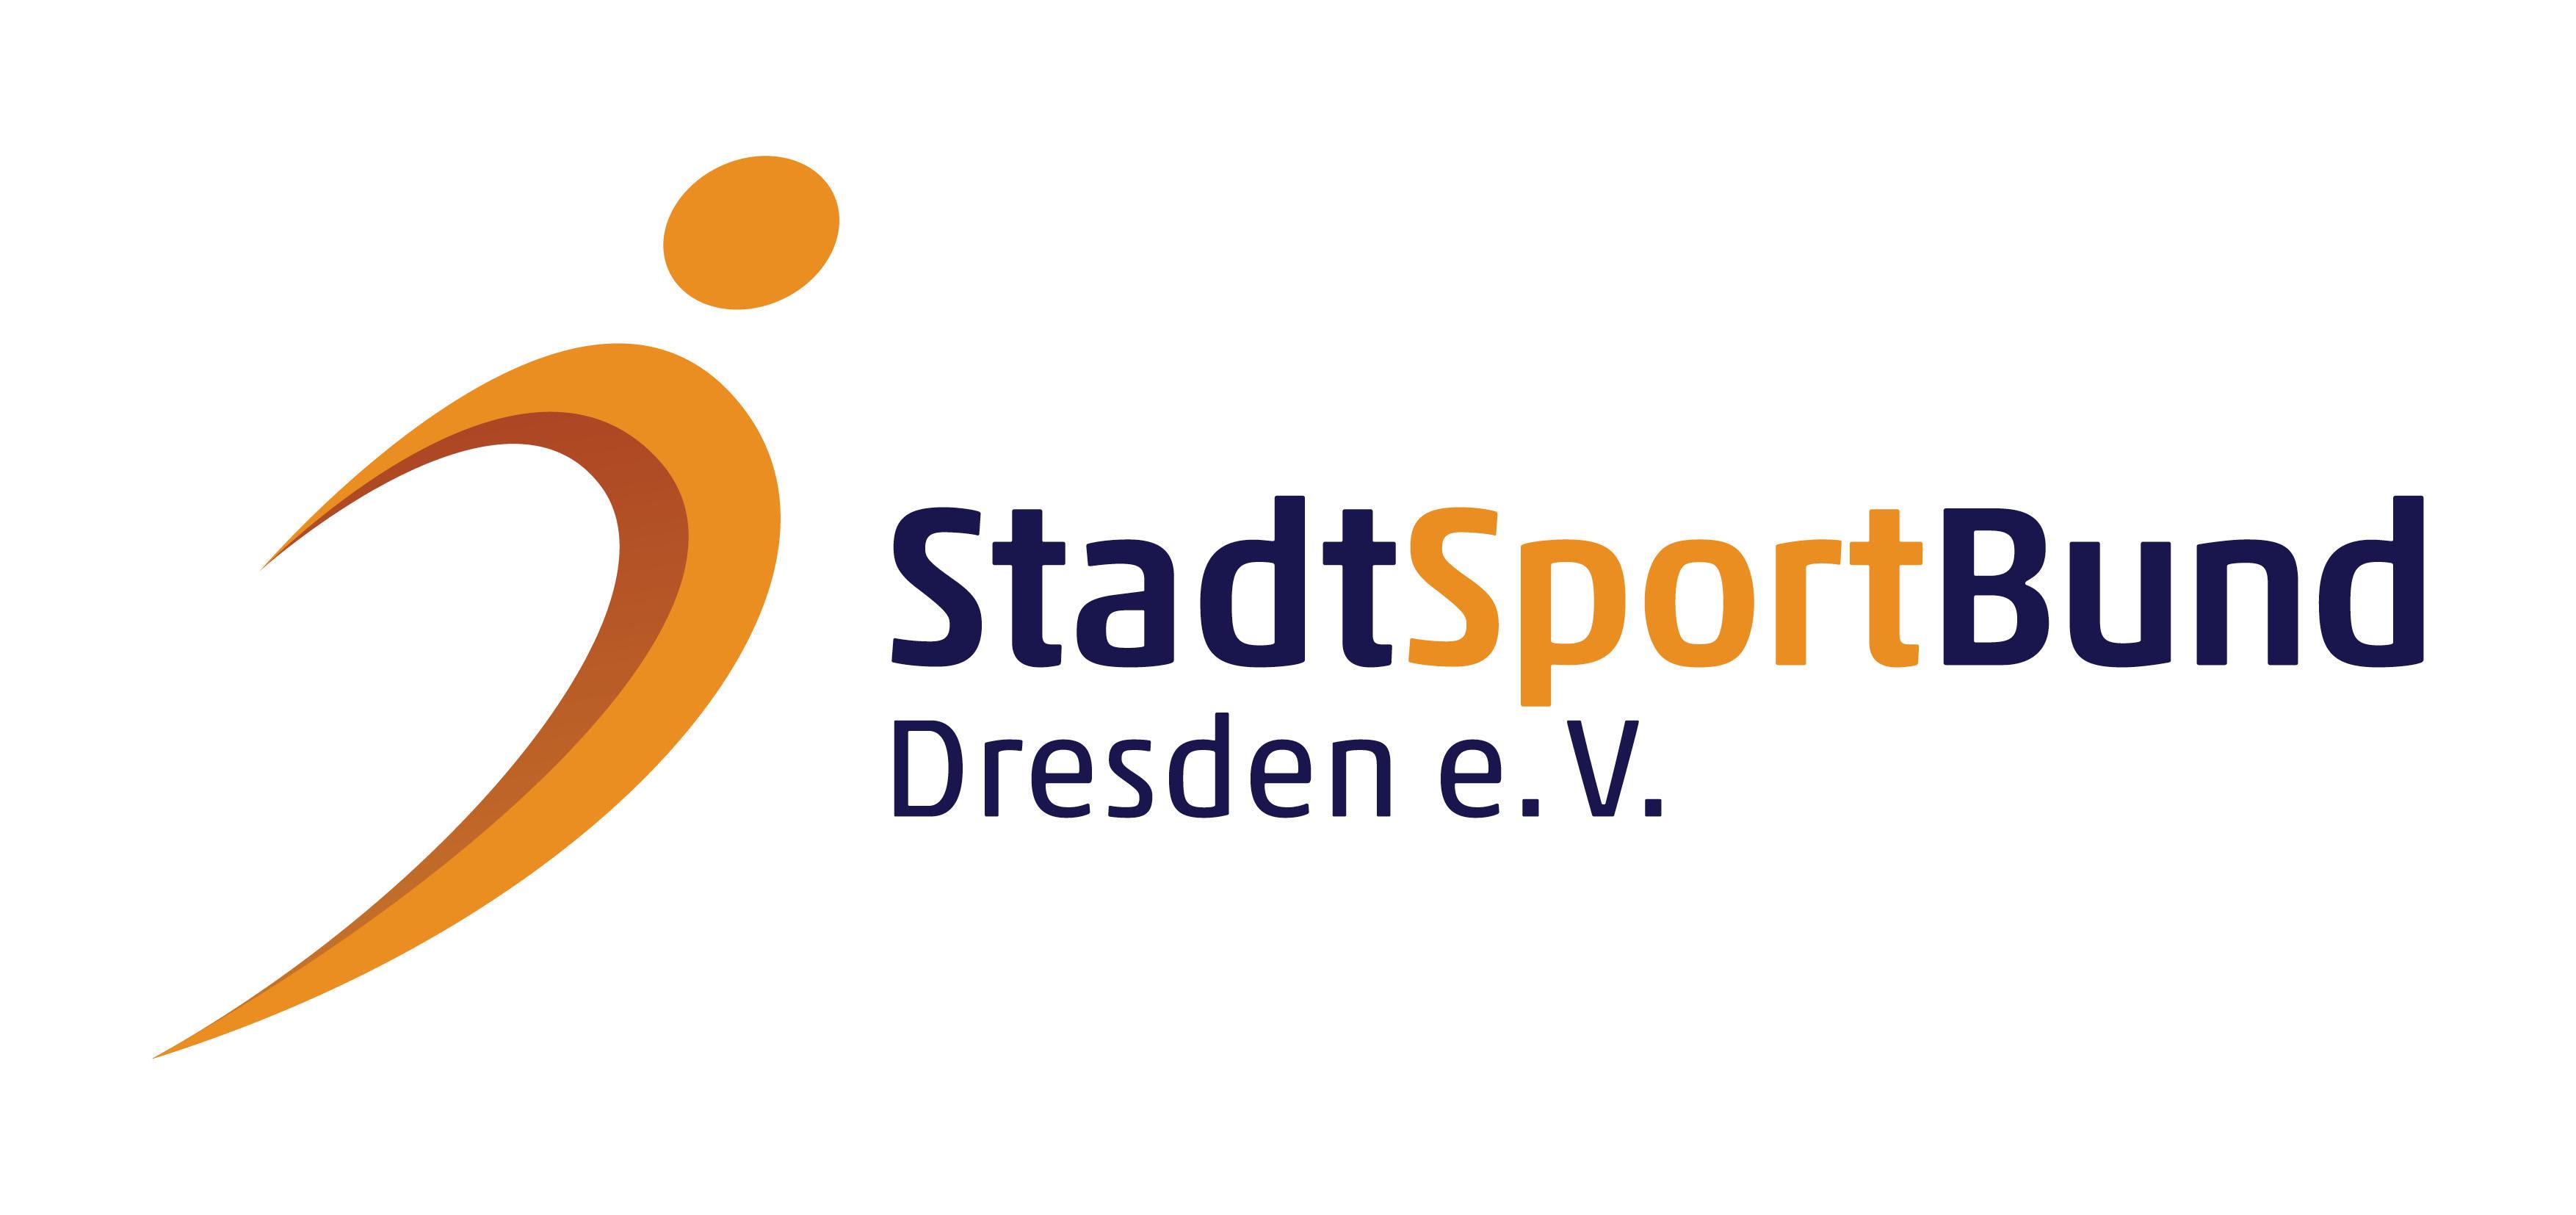 Schriftzug Stadtsportbund Dresden e.V. mit stilisiertem Sportler als Grafik